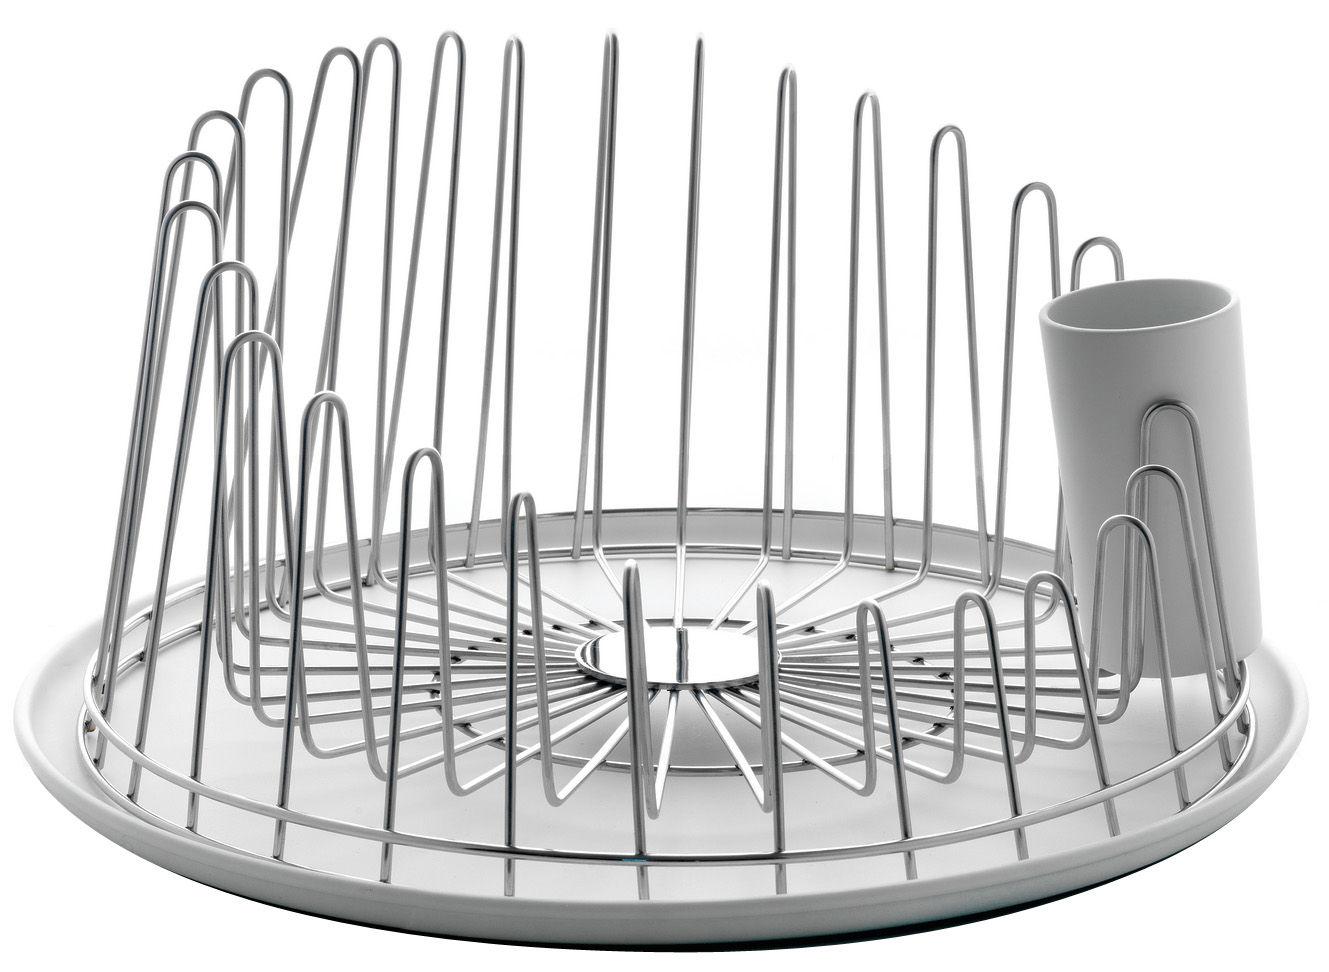 Küche - Spülen und putzen - A Tempo Abtropfgestell - A di Alessi - Stahl glänzend - polierter Stahl, thermoplastisches Harz